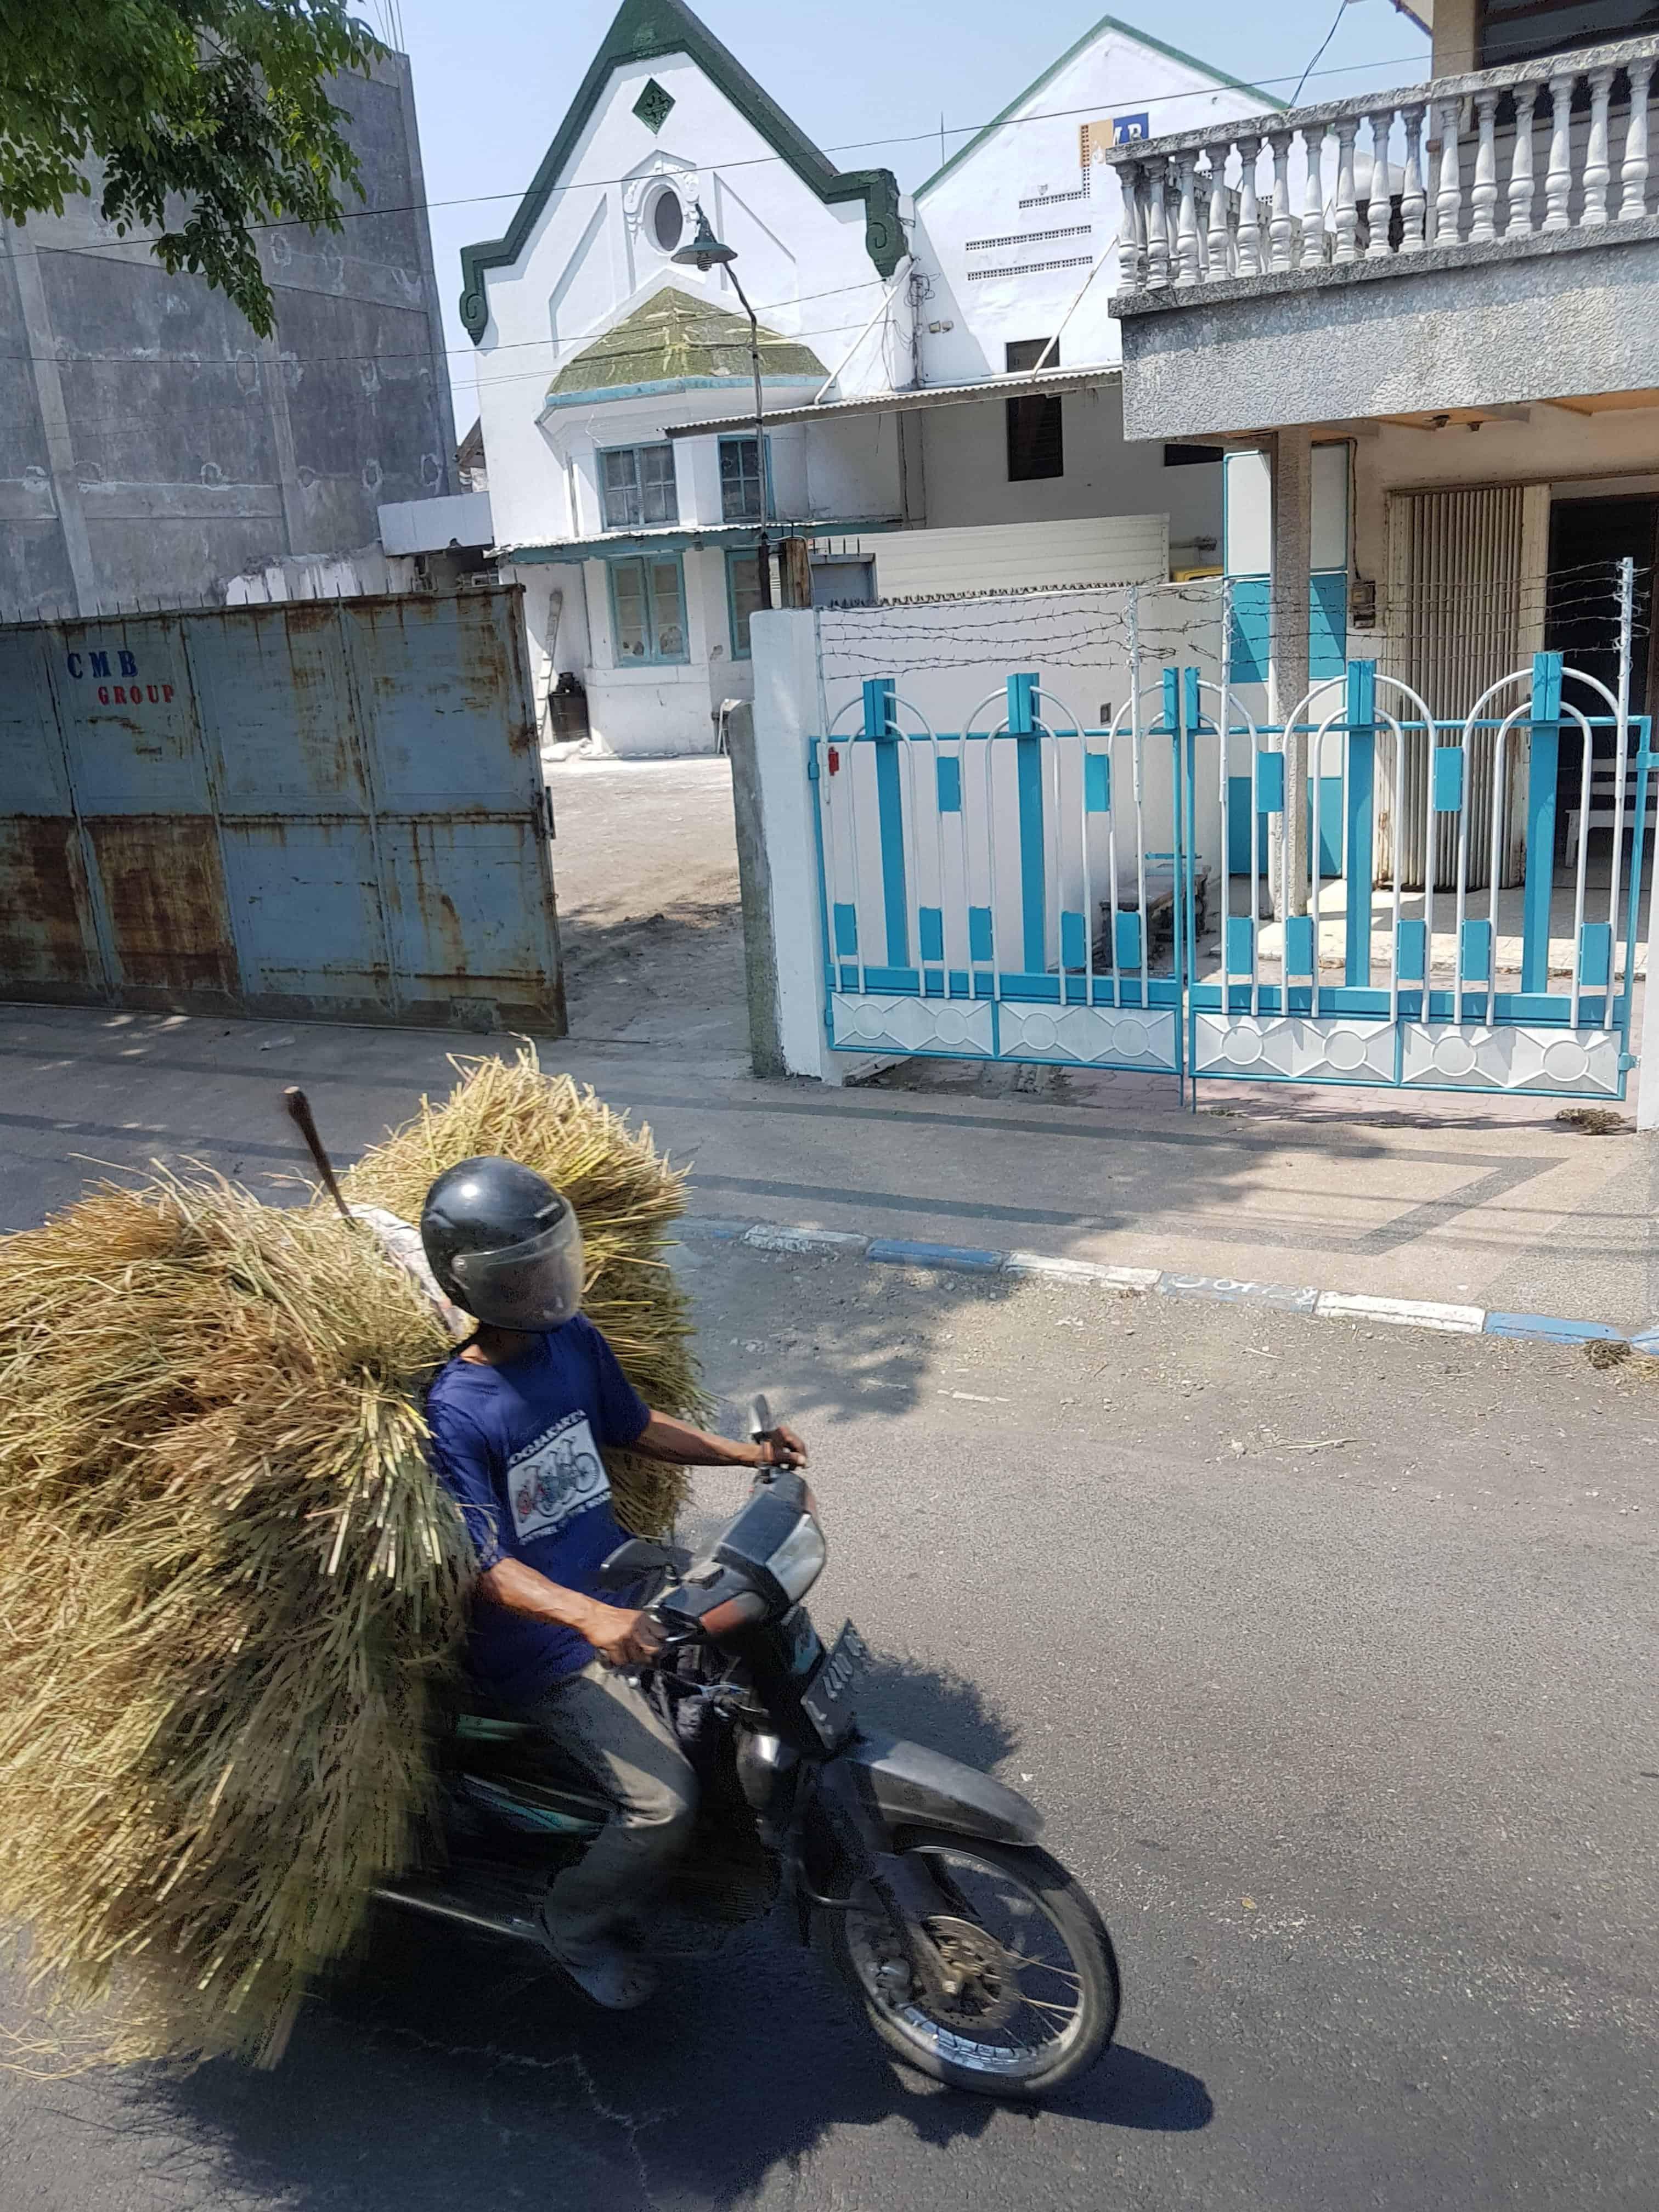 Indonésien qui transporte à scooter de la paille, Indonésie